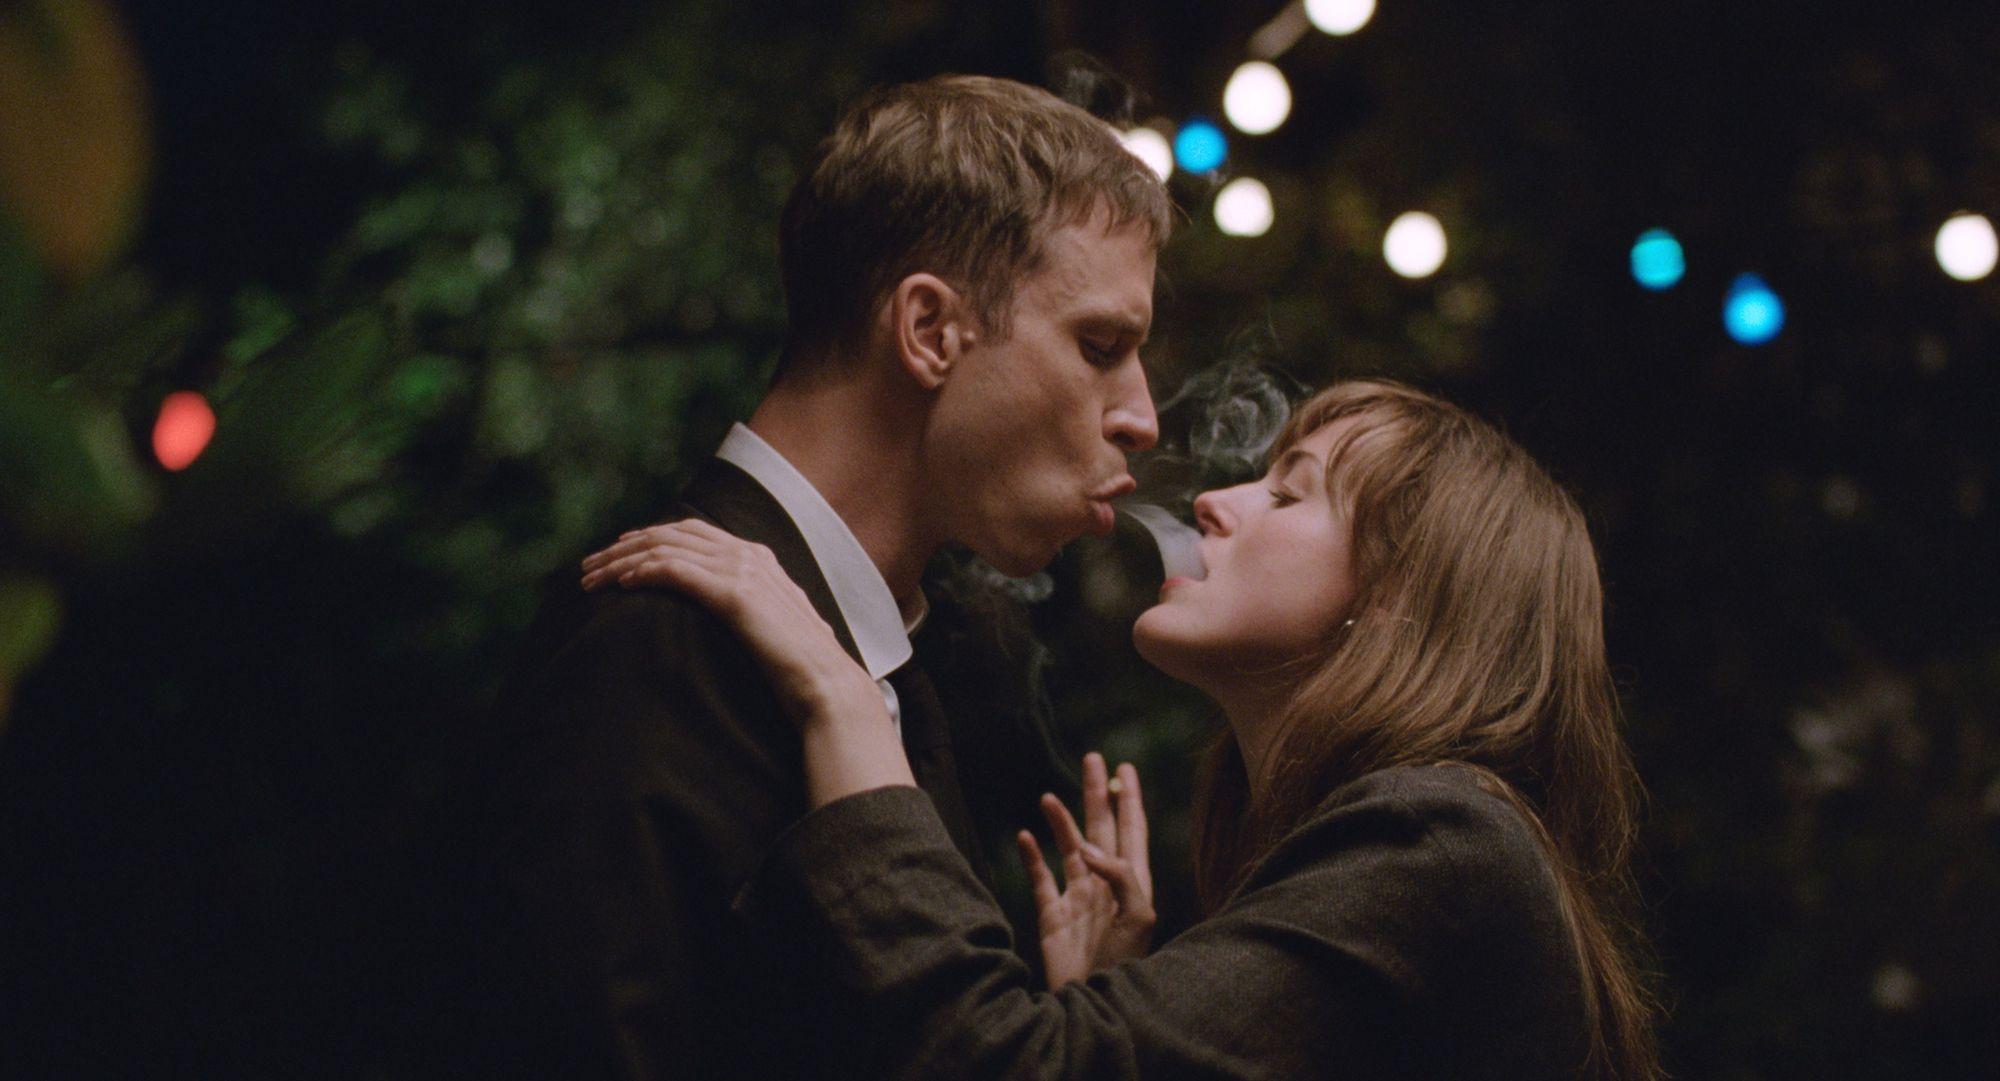 The Worst Person in the World recensione film di Joachim Trier con Renate Reinsve